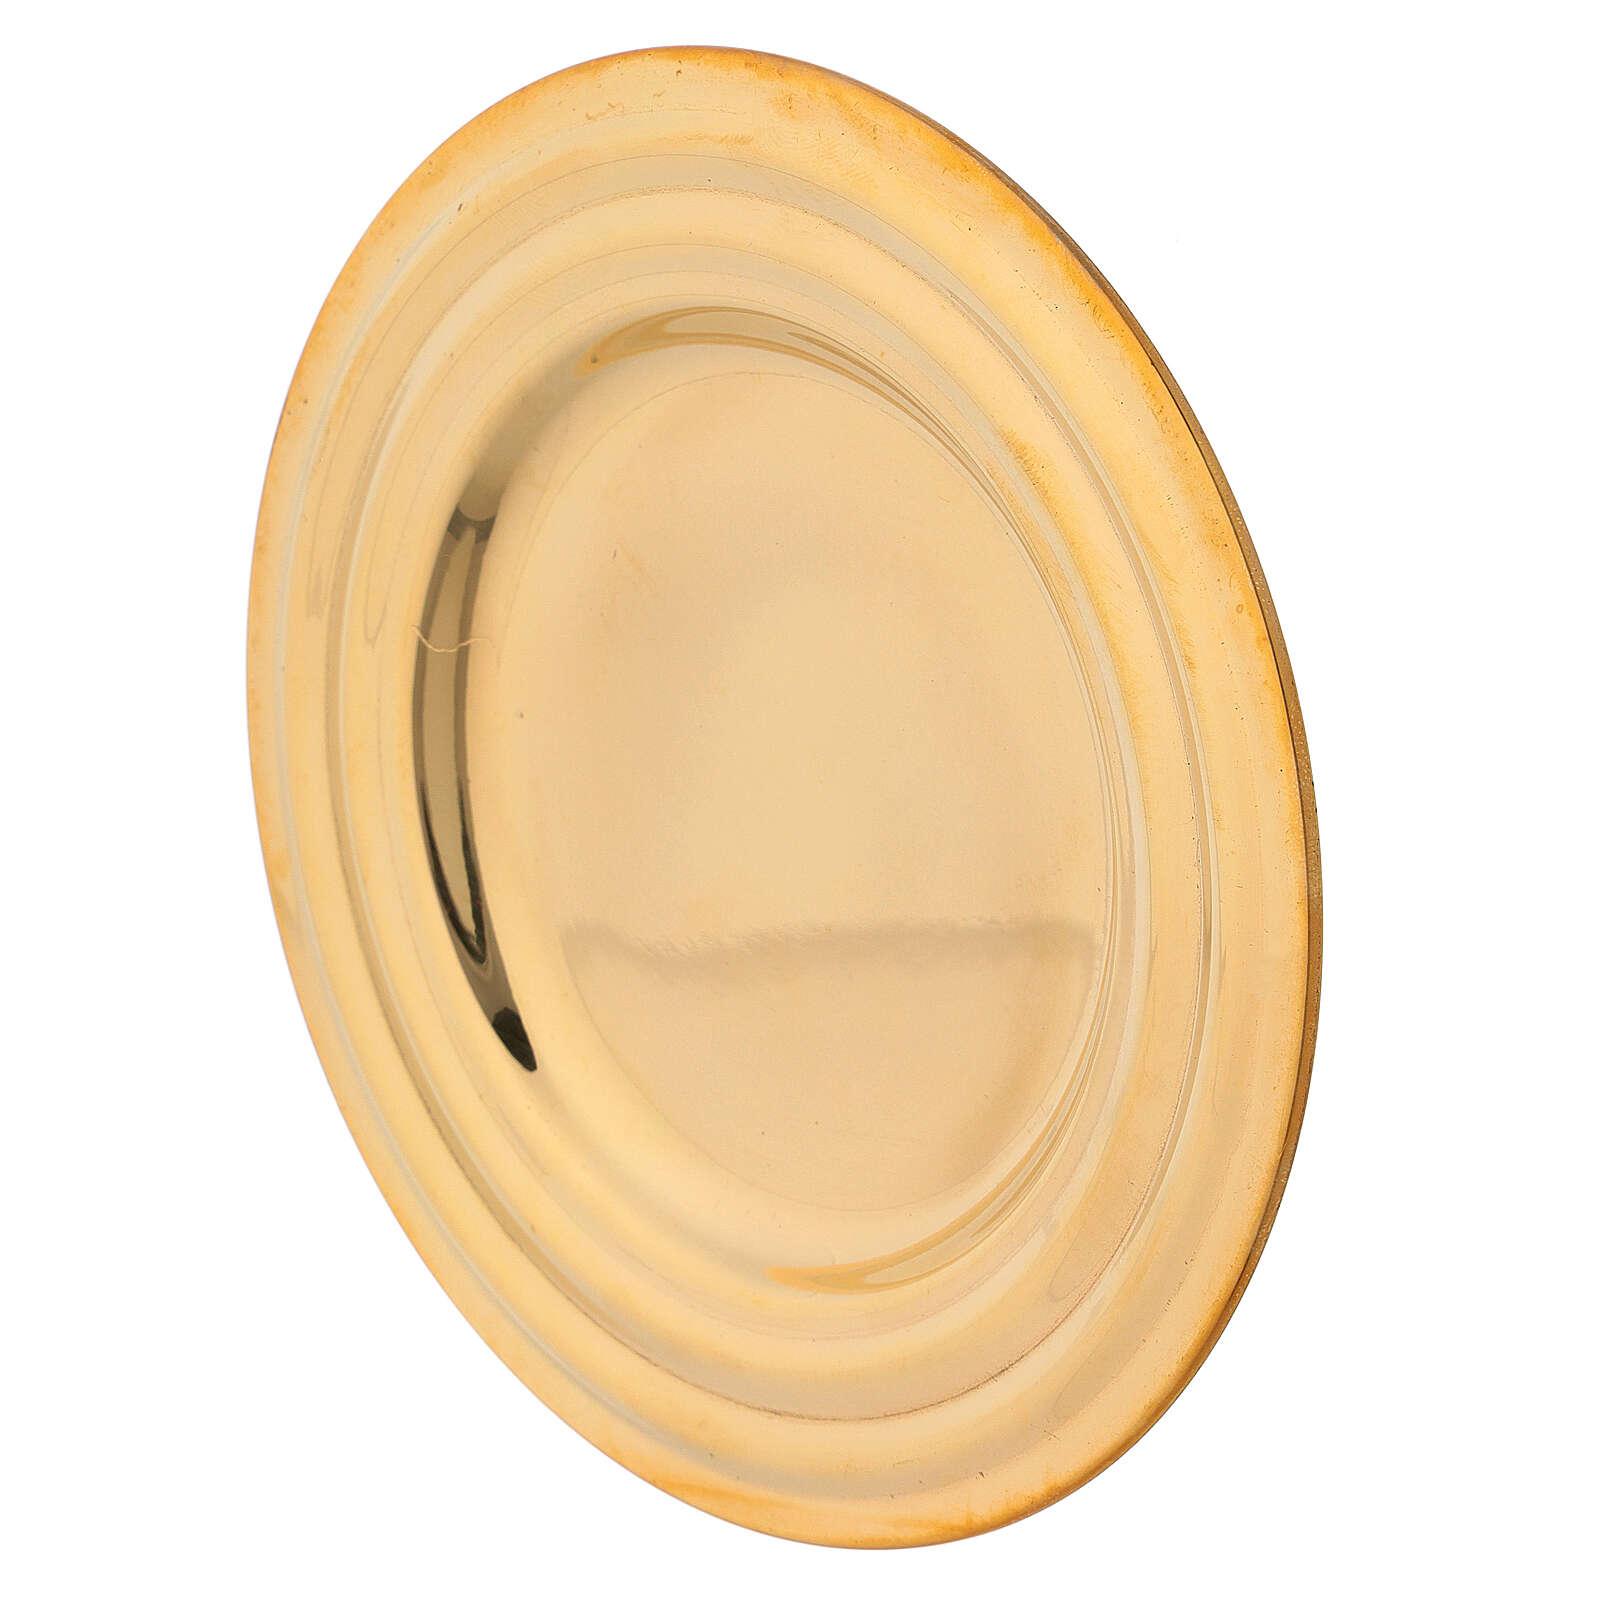 Piatto portacandela rotondo ottone dorato diametro 13 cm 3